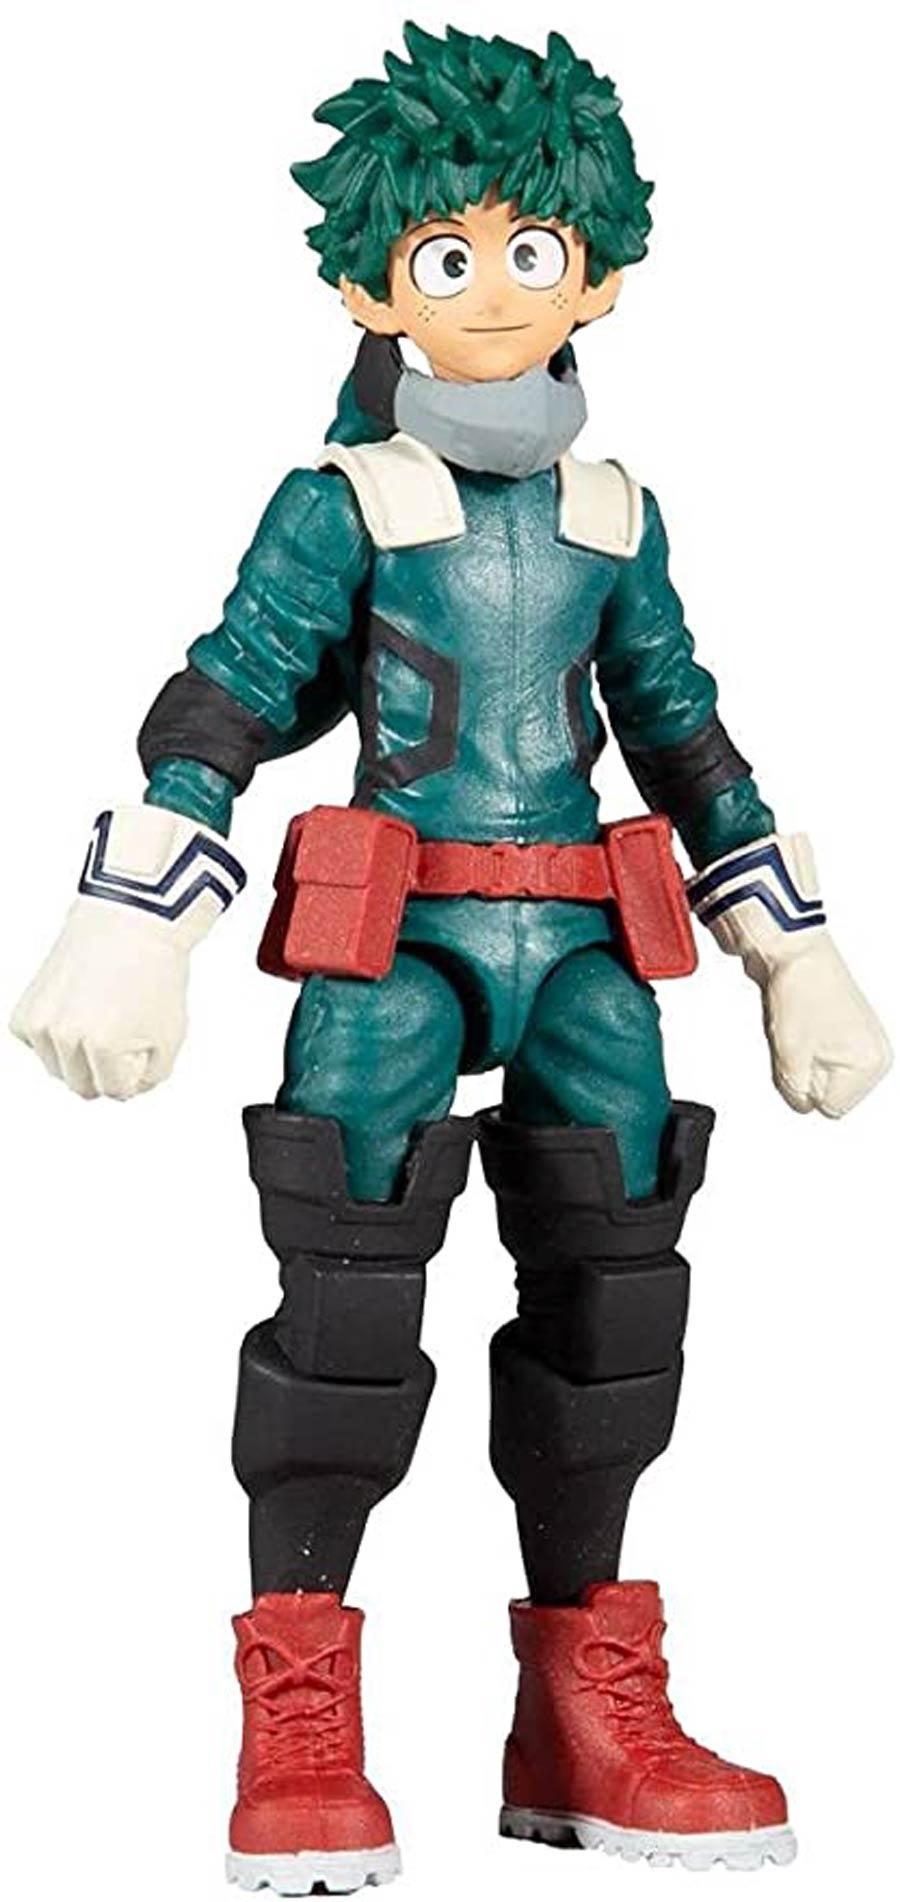 My Hero Academia 5-Inch Action Figure Wave 1 Izuku Midoriya Action Figure